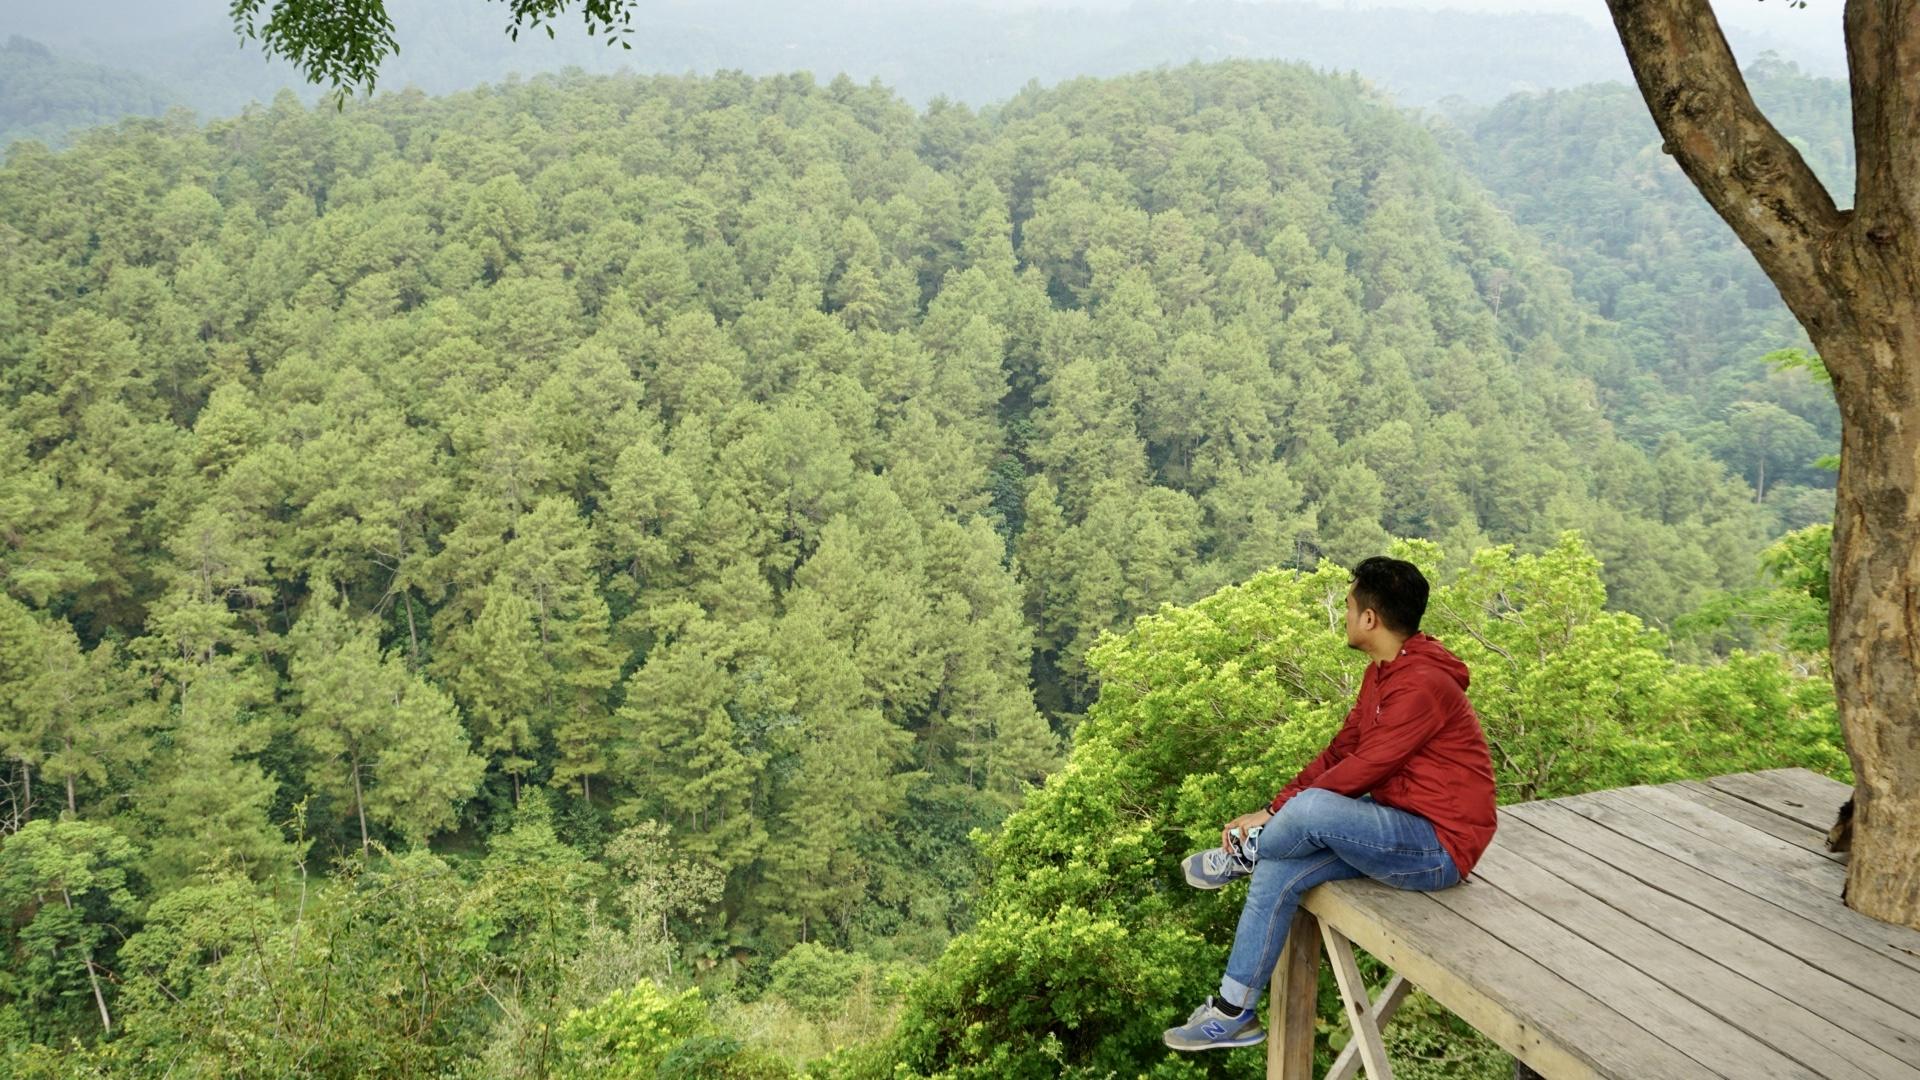 Menikmati pemandangan hutan